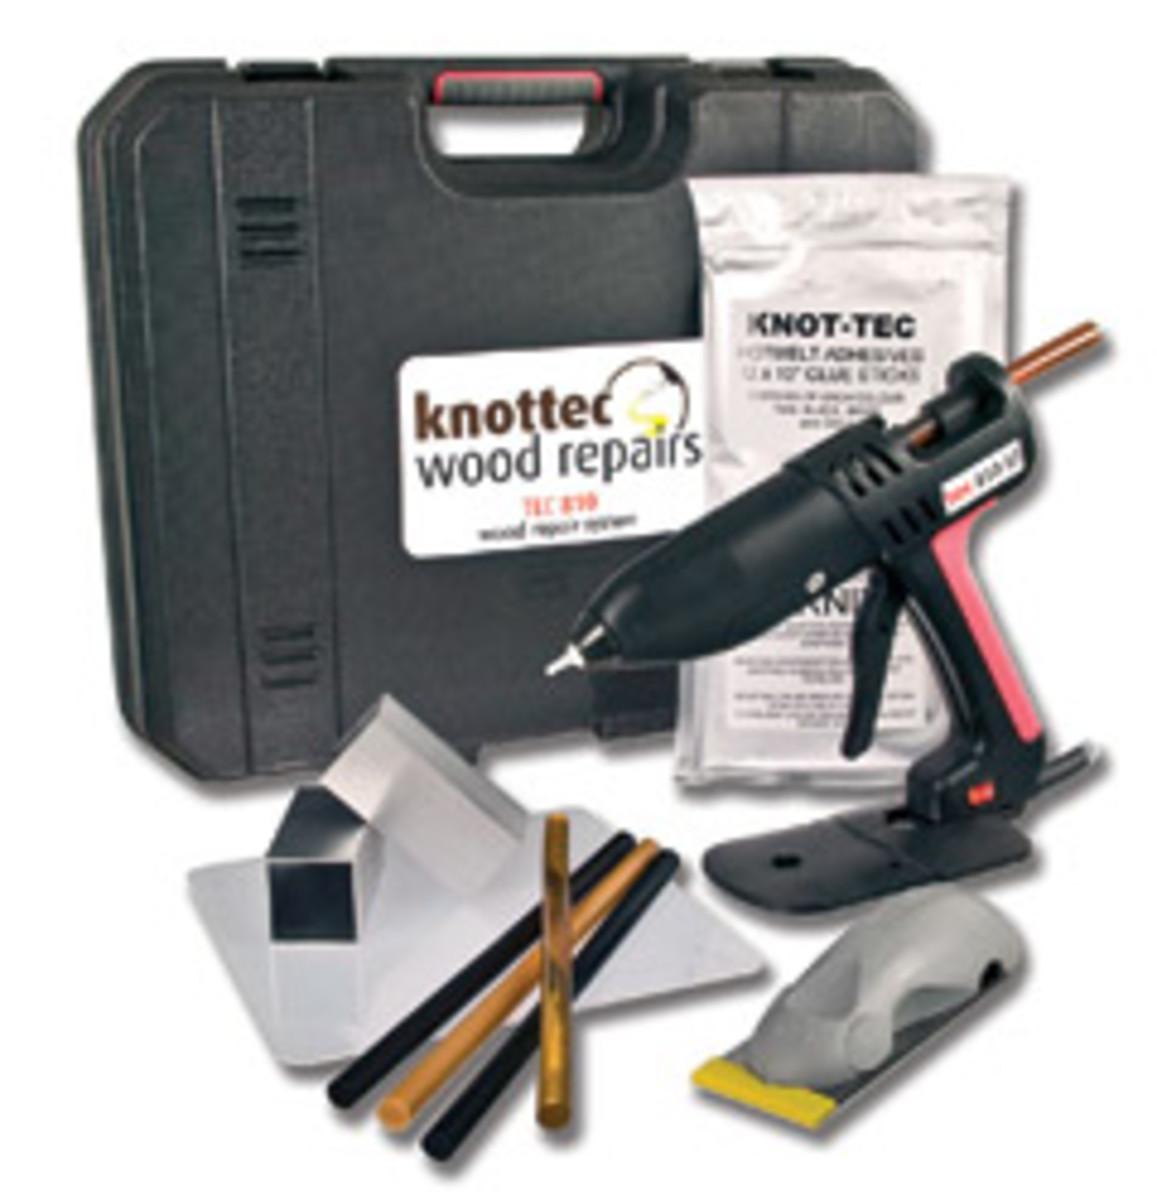 The Knot-Tec wood repair kit.